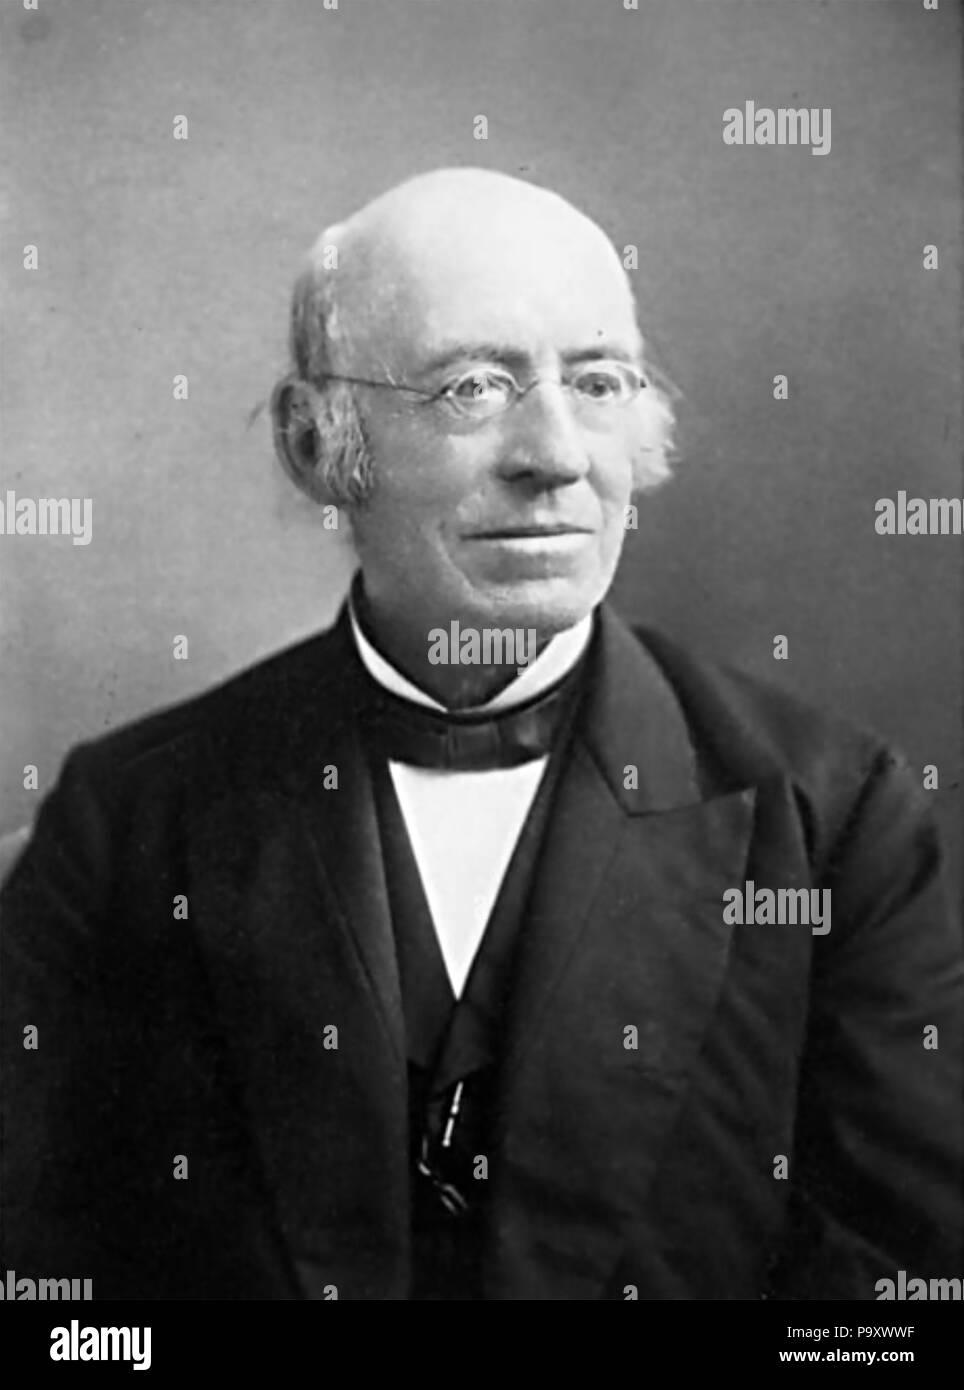 Genieße am niedrigsten Preis geringster Preis riesiges Inventar WILLIAM LLOYD GARRISON (1805-1879) American abolitionist ...